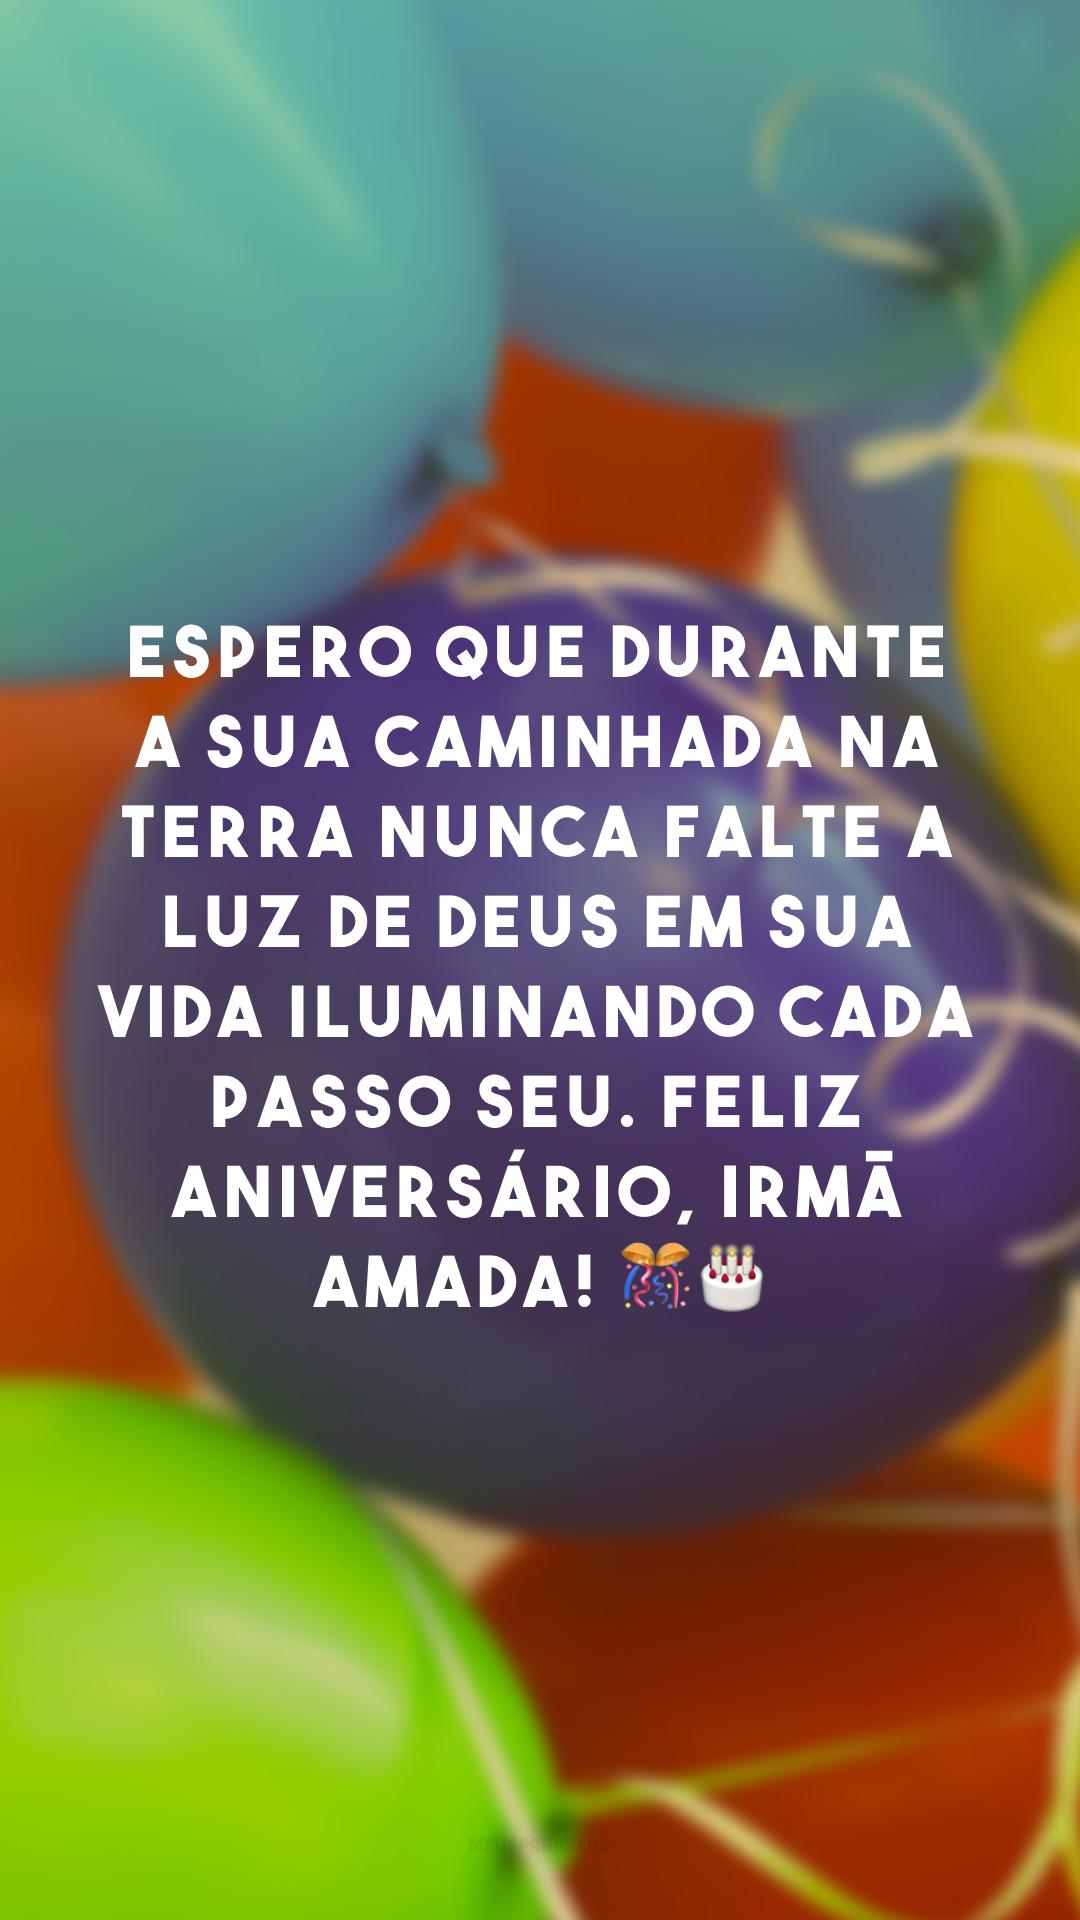 Espero que durante a sua caminhada na Terra nunca falte a luz de Deus em sua vida iluminando cada passo seu. Feliz aniversário, irmã amada! 🎊🎂